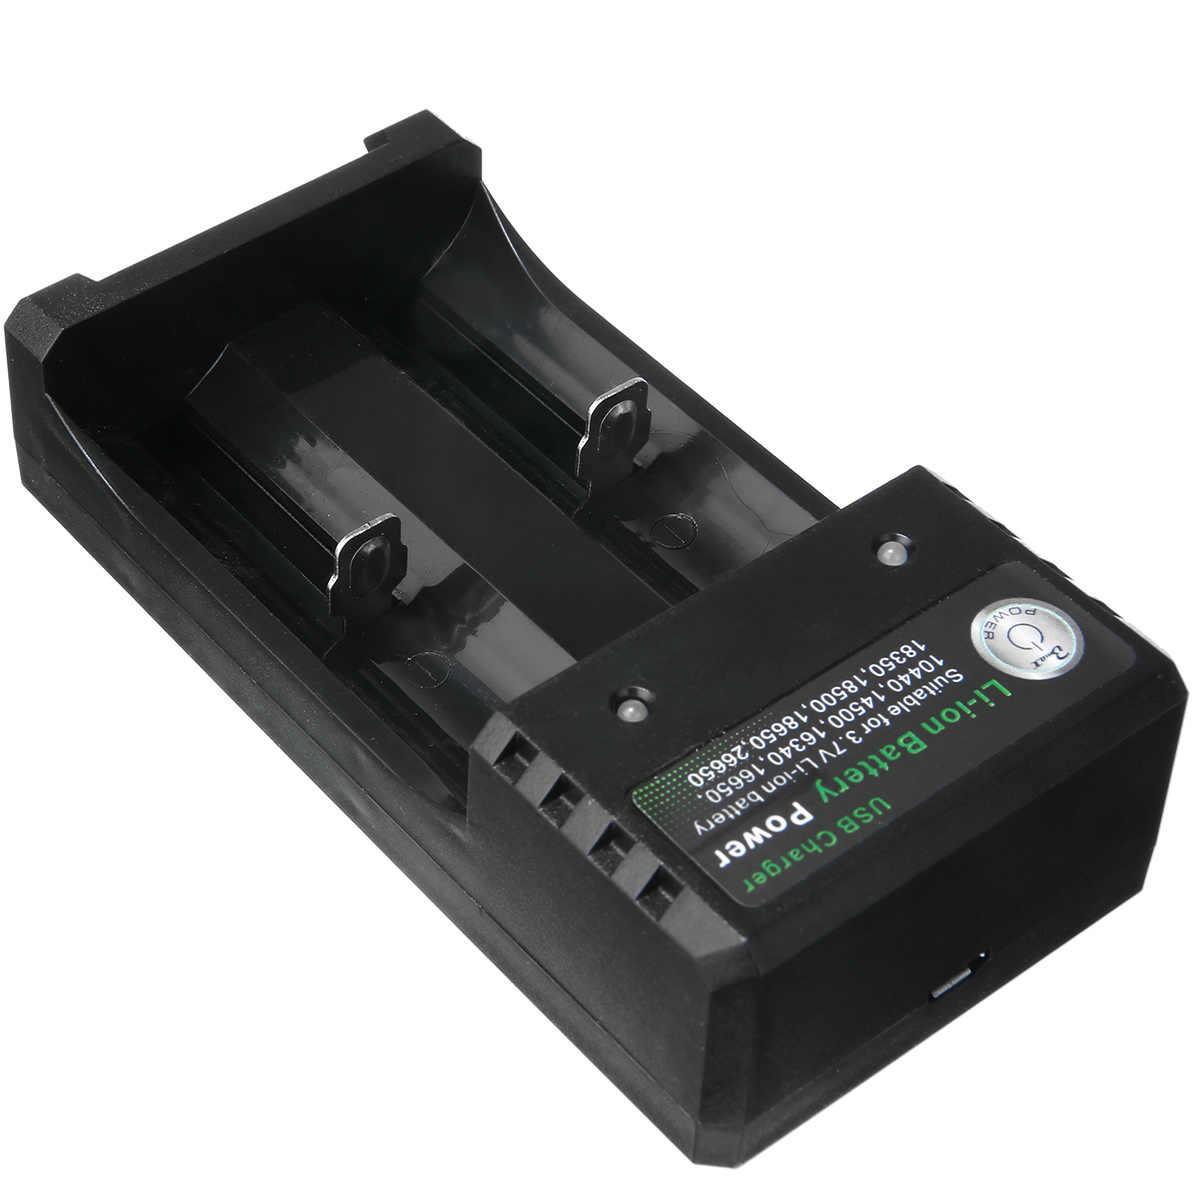 عالمي مزدوج USB شاحن بطارية شحن للبطاريات 3.7 فولت 18350 ليثيوم 18650 16340 18500 مع كابل يو اس بي